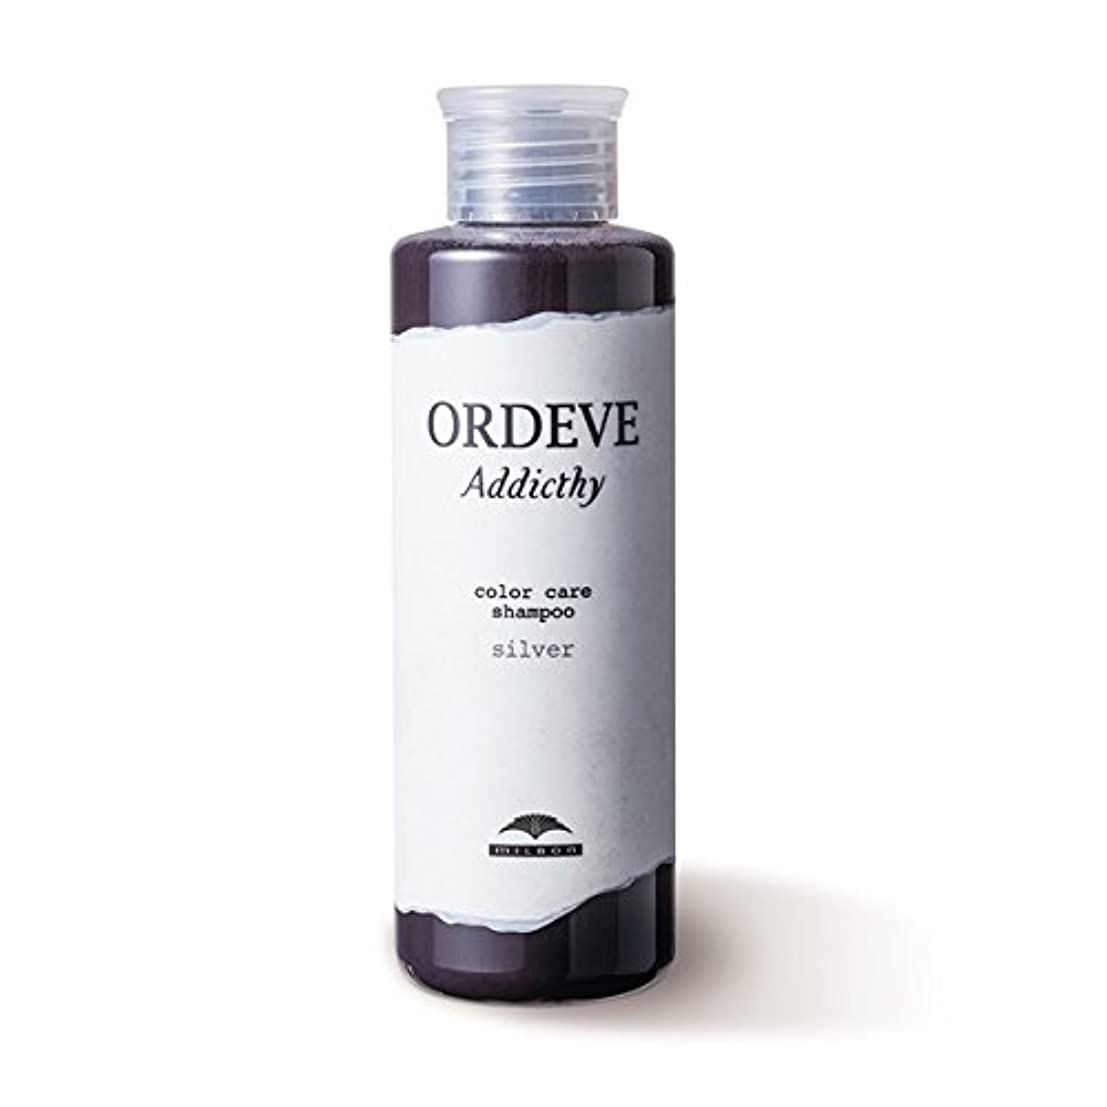 やさしい超える宙返りミルボン オルディーブ アディクシー カラーケア シャンプー シルバー 180ml【ORDEVE Addicthy】